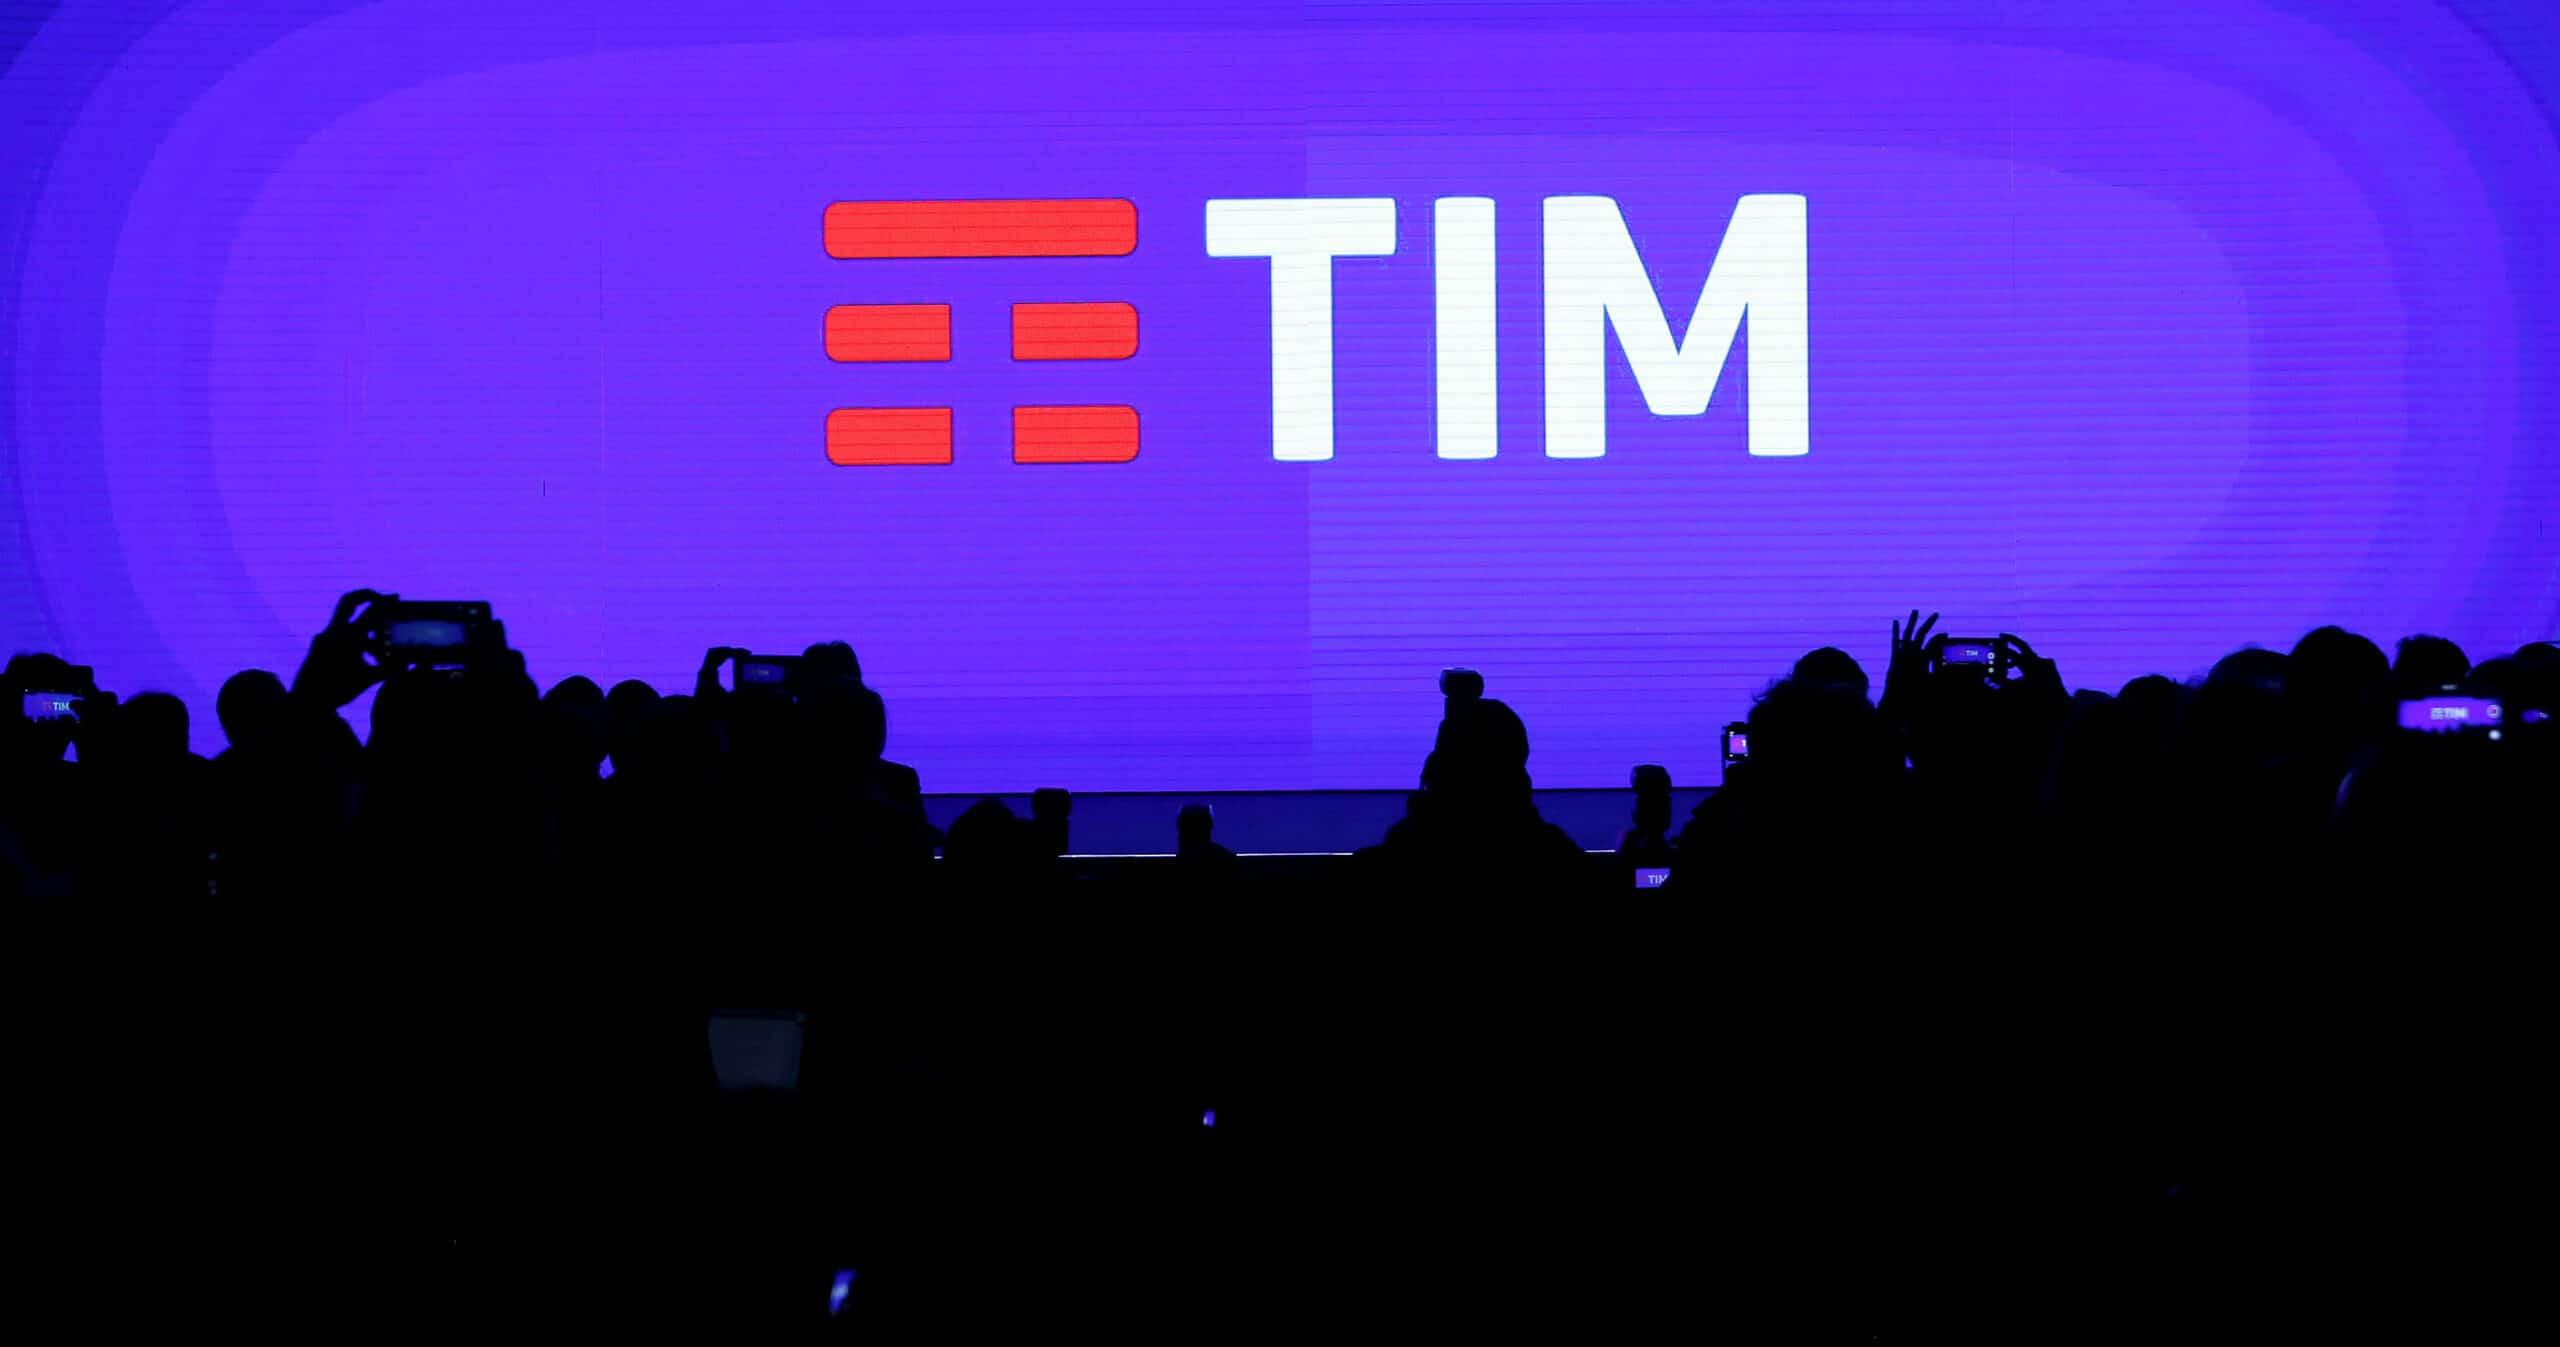 C6 Bank lança primeira novidade em parceria com a TIM (Imagem: Reprodução - Google)